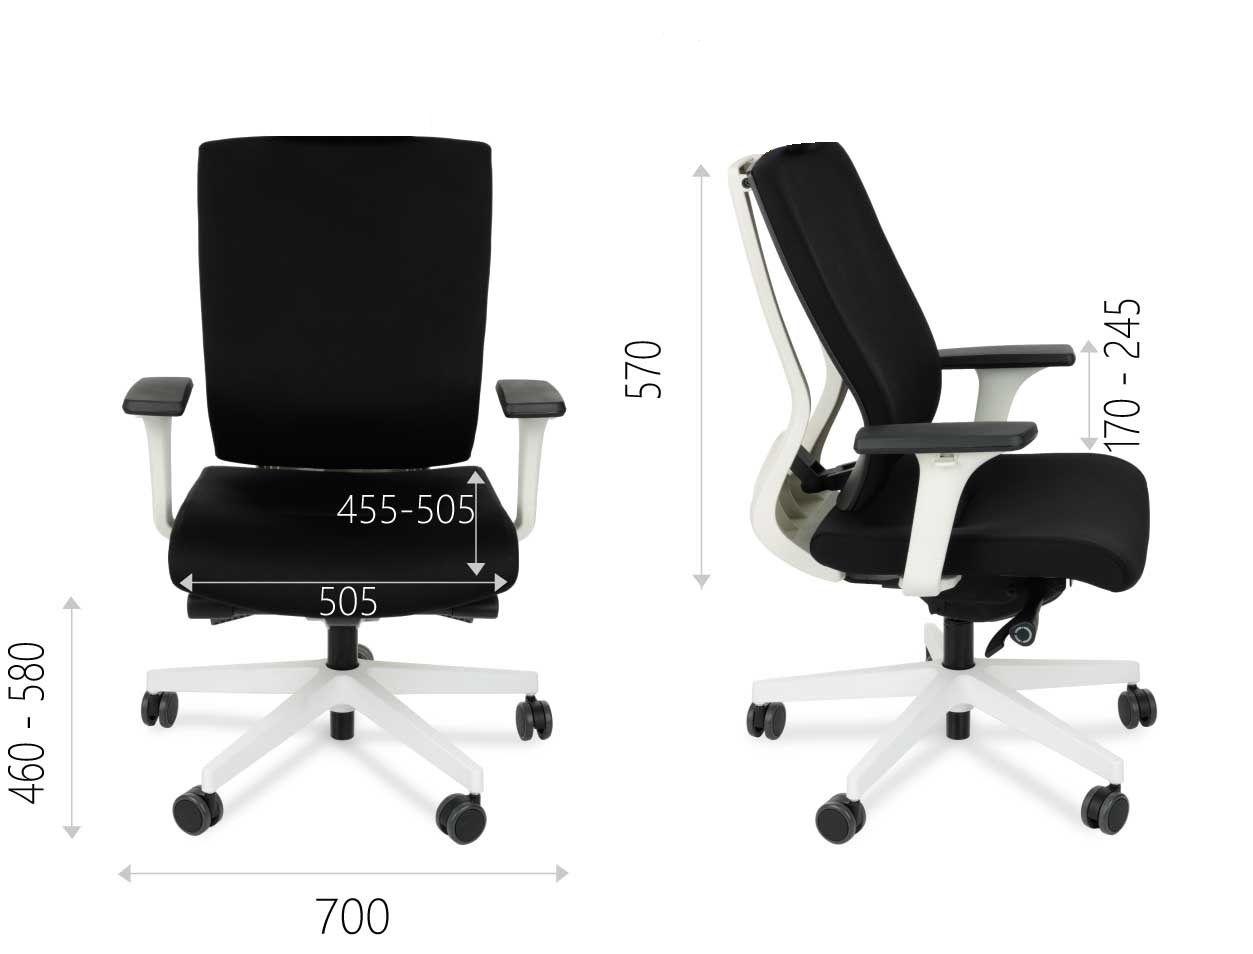 fotel obrotowy, fotele obrotowe, fotel biurowy, fotele biurowe, fotel gabinetowy, fotele gabinetowe, nowoczesne fotele, nowoczesny fotel, hit sezony, dobre okazje, fotel Głogów, fotel obrotowy tapicerowany, fotel tapicerowany